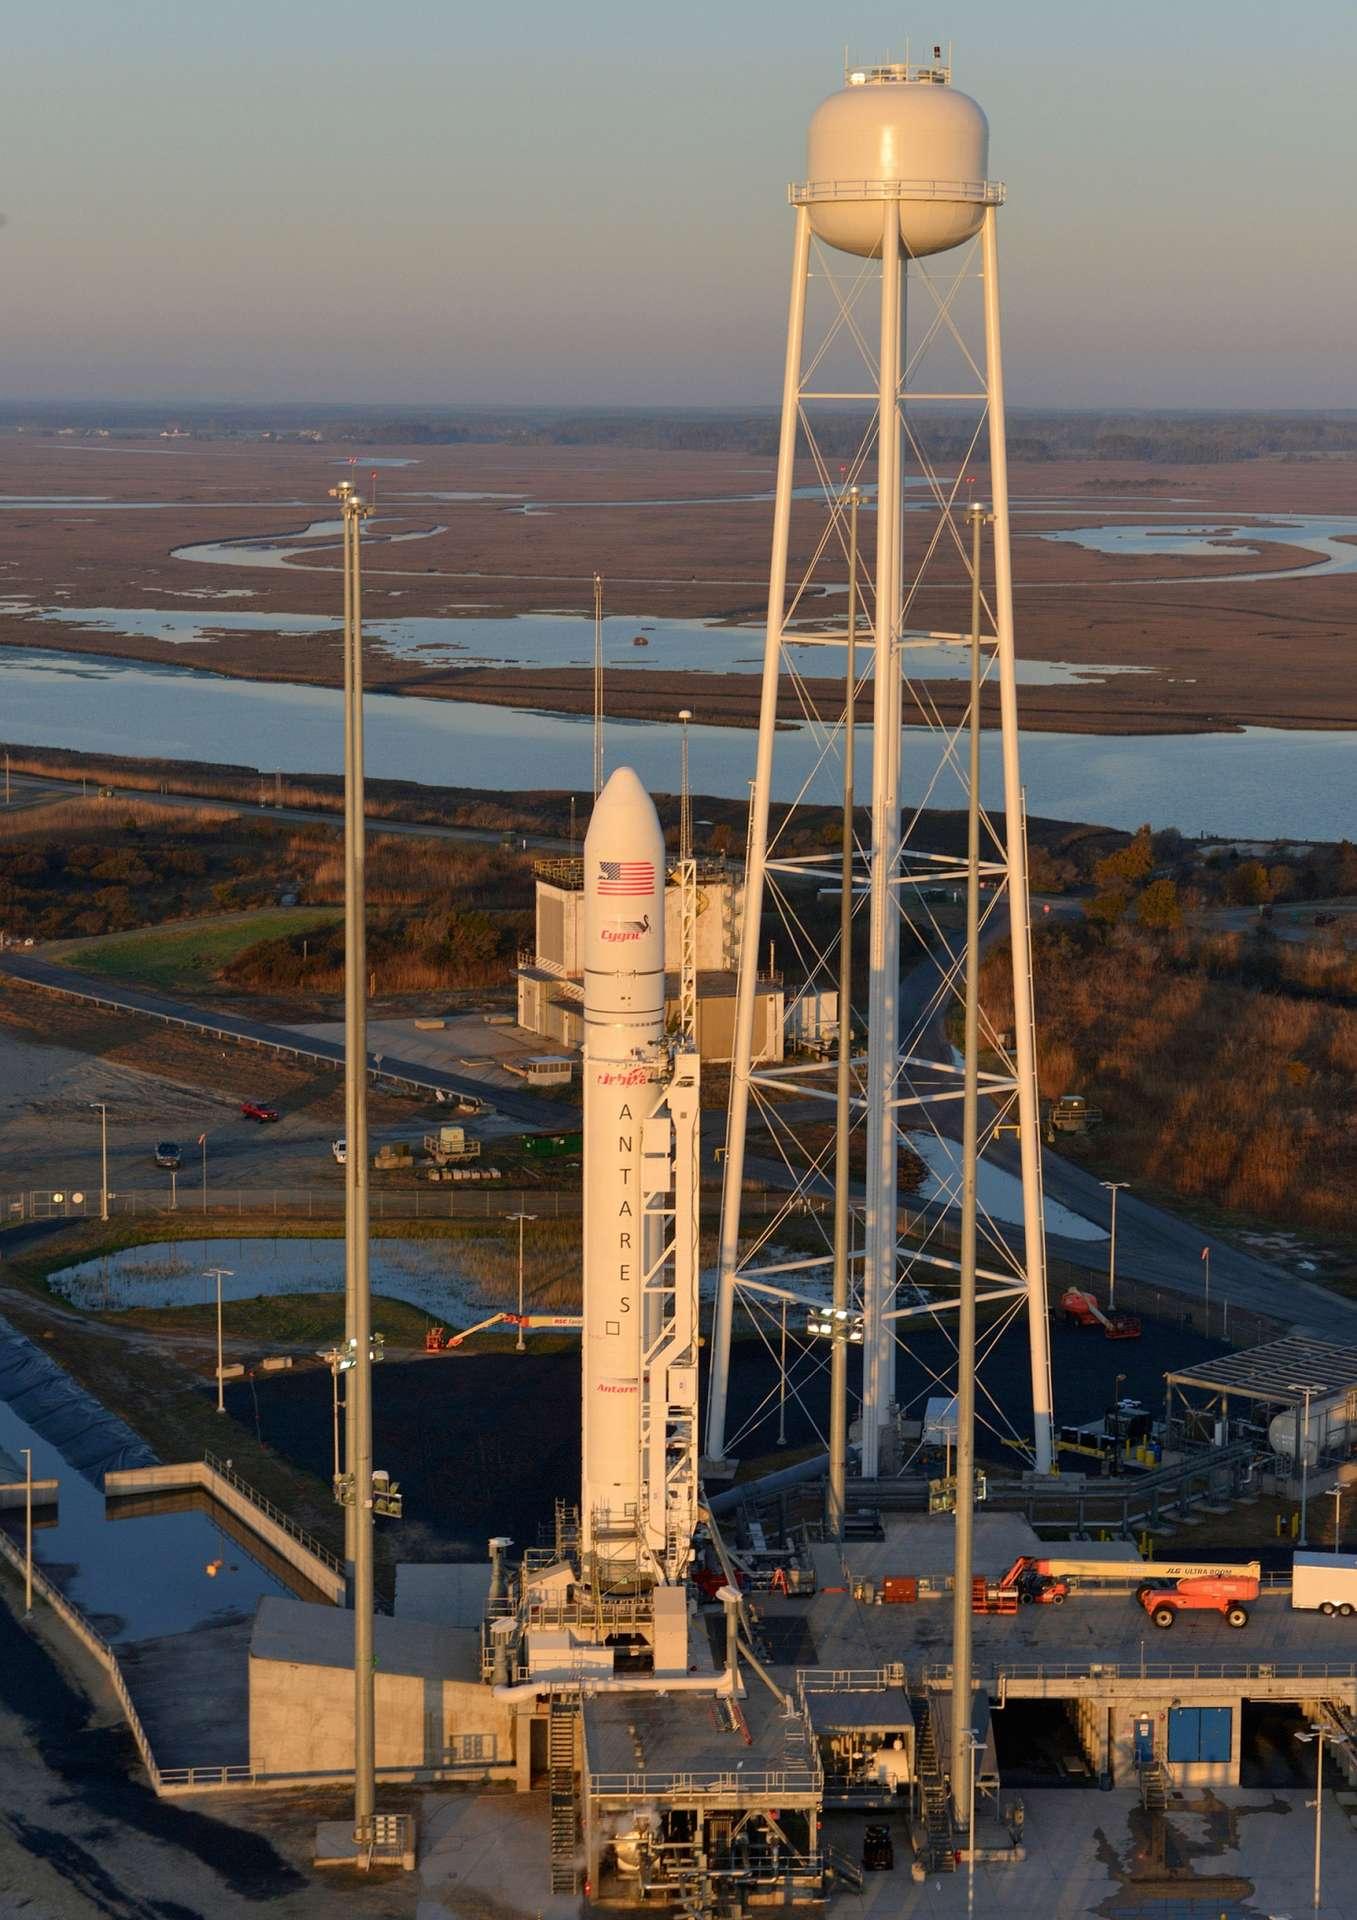 Antares est un lanceur à deux étages de 40 m de hauteur et de 3,9 m de diamètre. On le voit ici sur son pas de tir, à la base de Wallops d'où il devrait décoller, au plus tôt, vendredi 19 avril. © Orbital Sciences